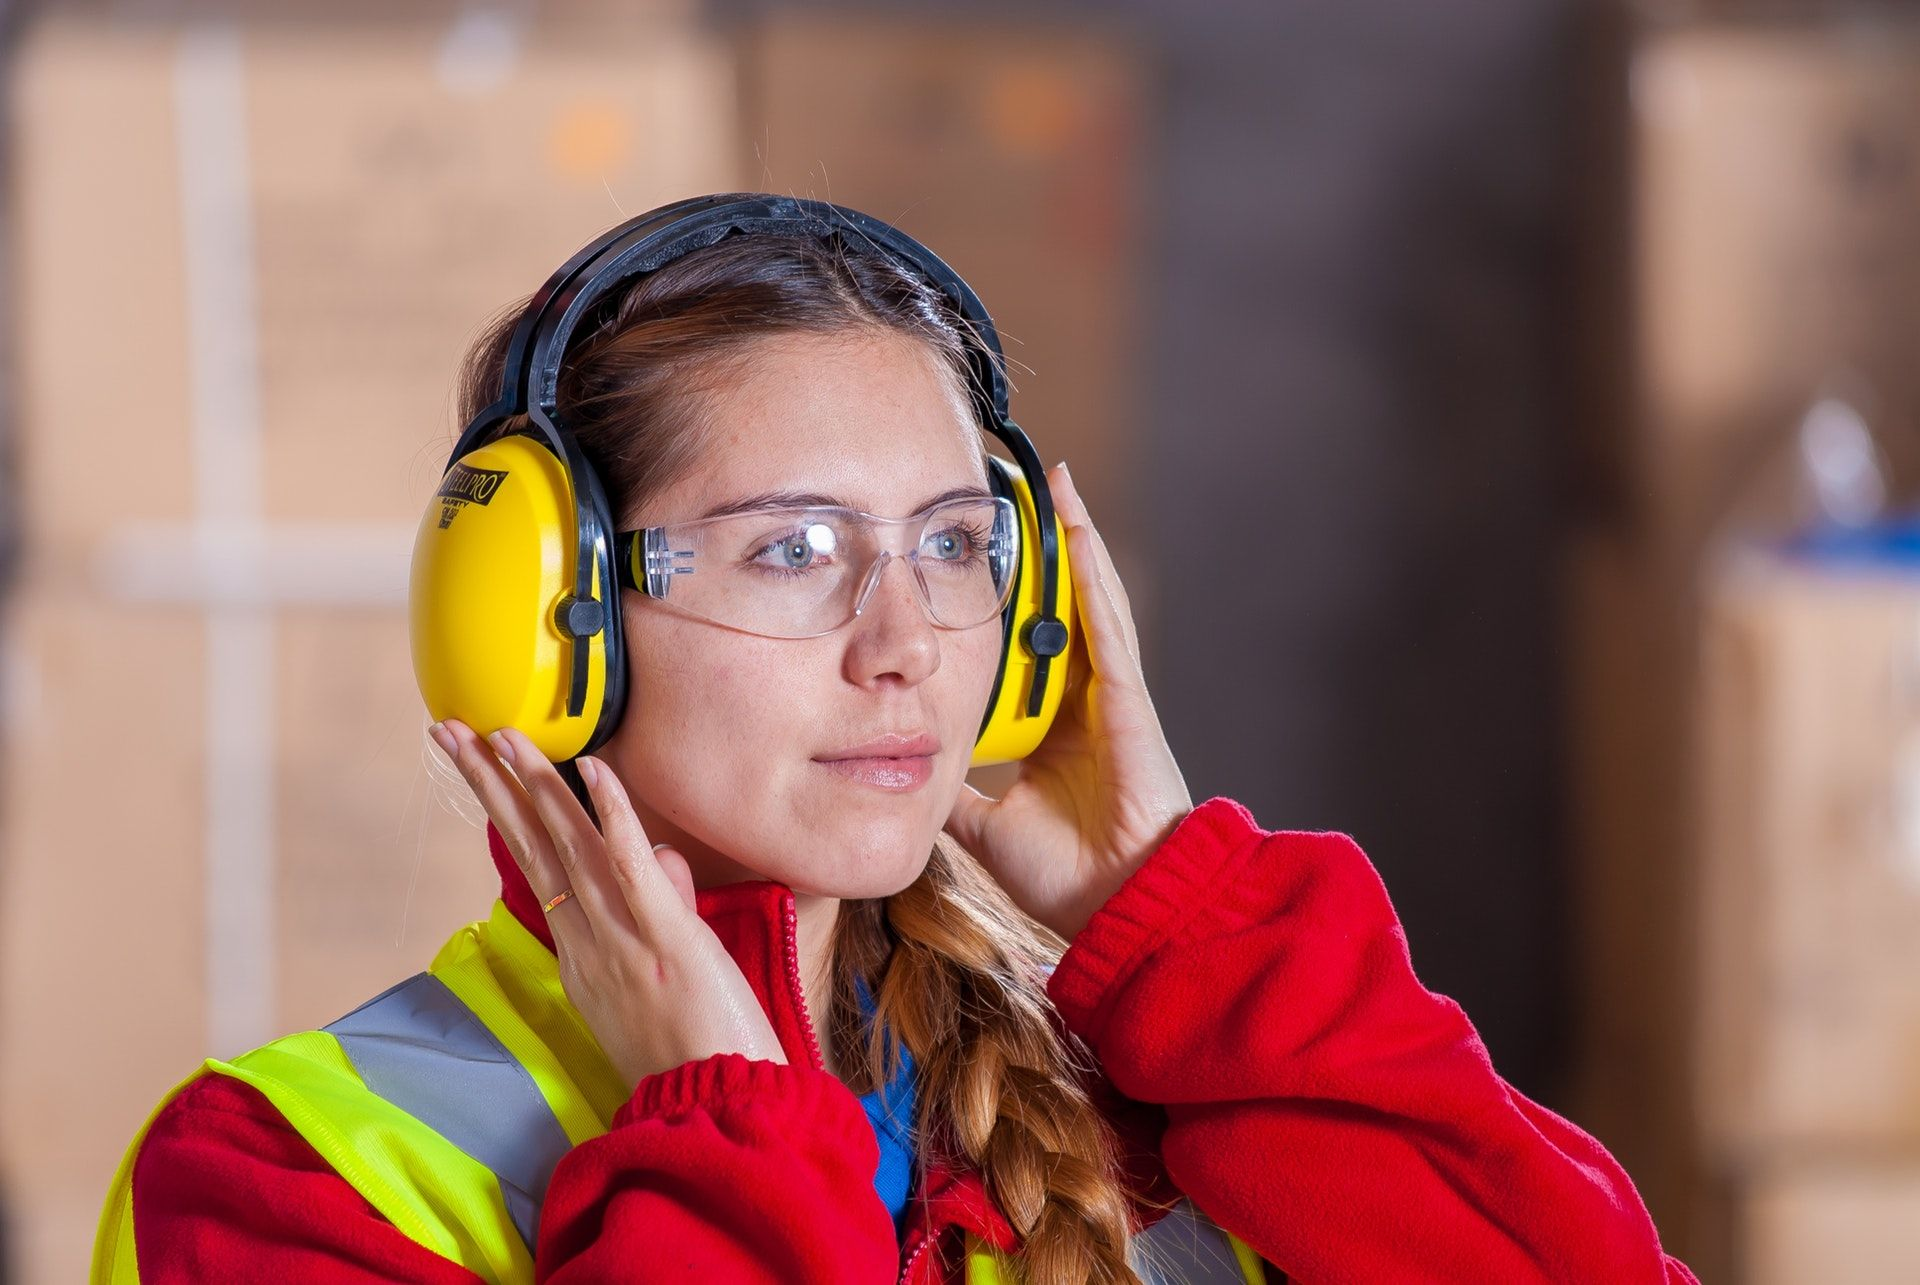 Arbeiderpartiet lanserer en tiltakspakke for å få flere unge i arbeid, og vil bevilge en milliard til opprusting av yrkesfag de neste fire årene. Illustrasjonsfoto: Pexels.com